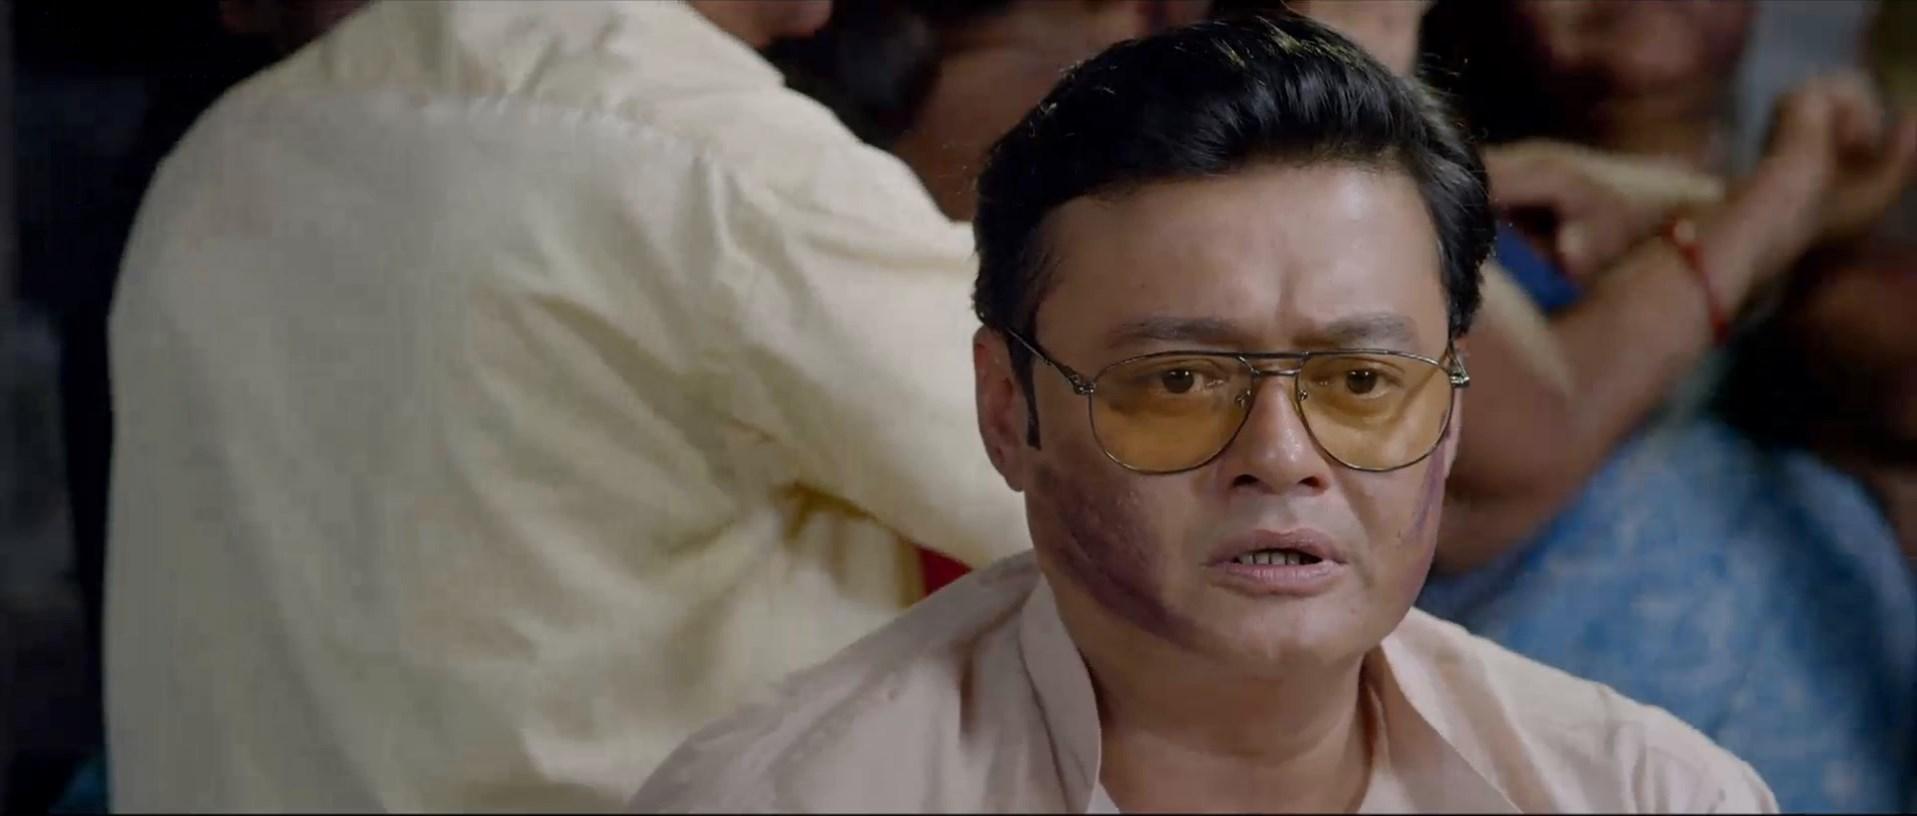 Baari Tar Bangla 2020.1080p.AMZN.WeB.DL.AVC.DDP.2.0.DusIcTv.mkv snapshot 01.04.21.720